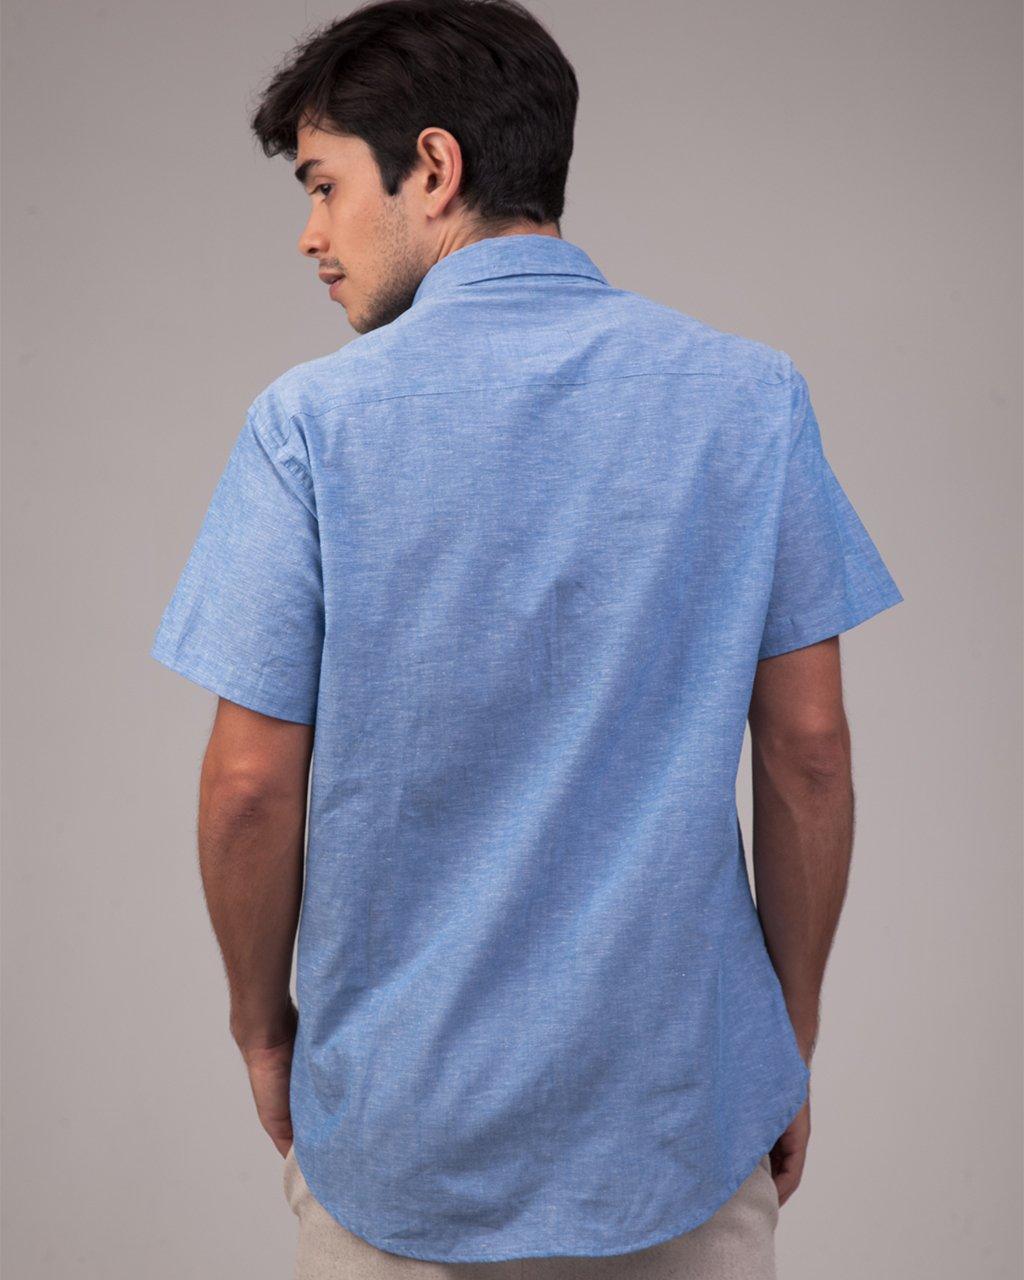 Camisa de Linho Manga Curta